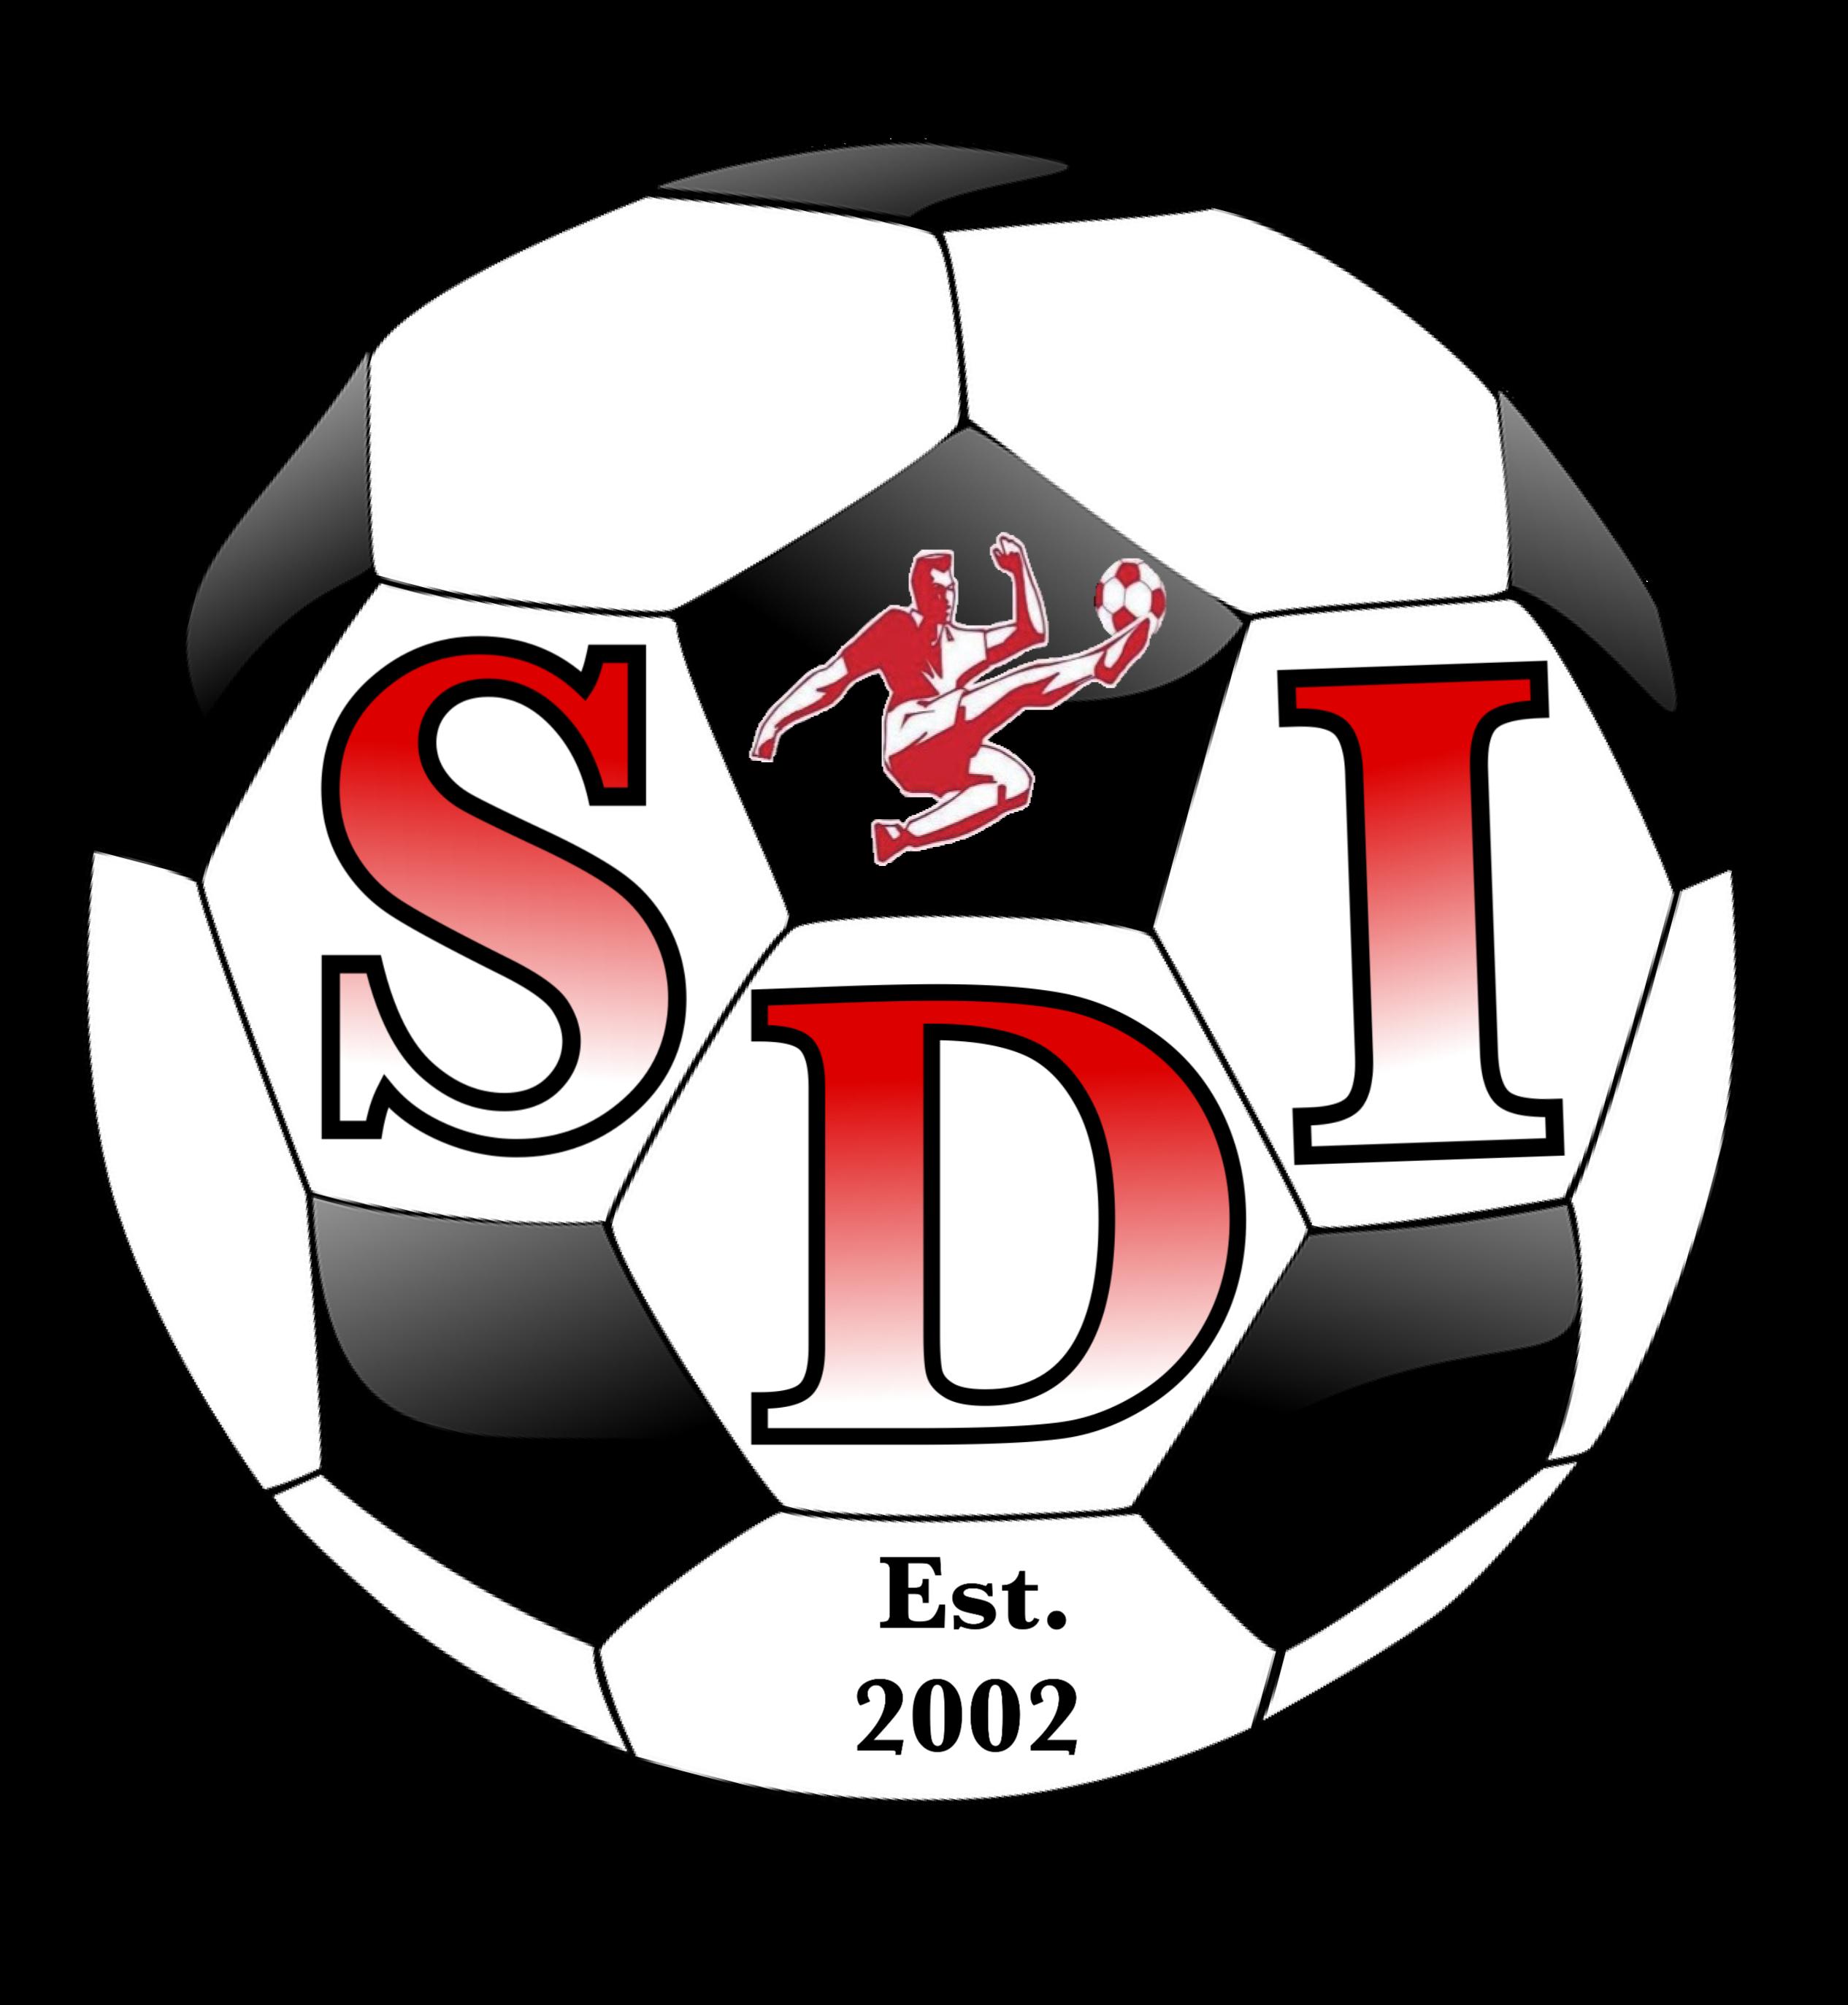 SDI Ball 1